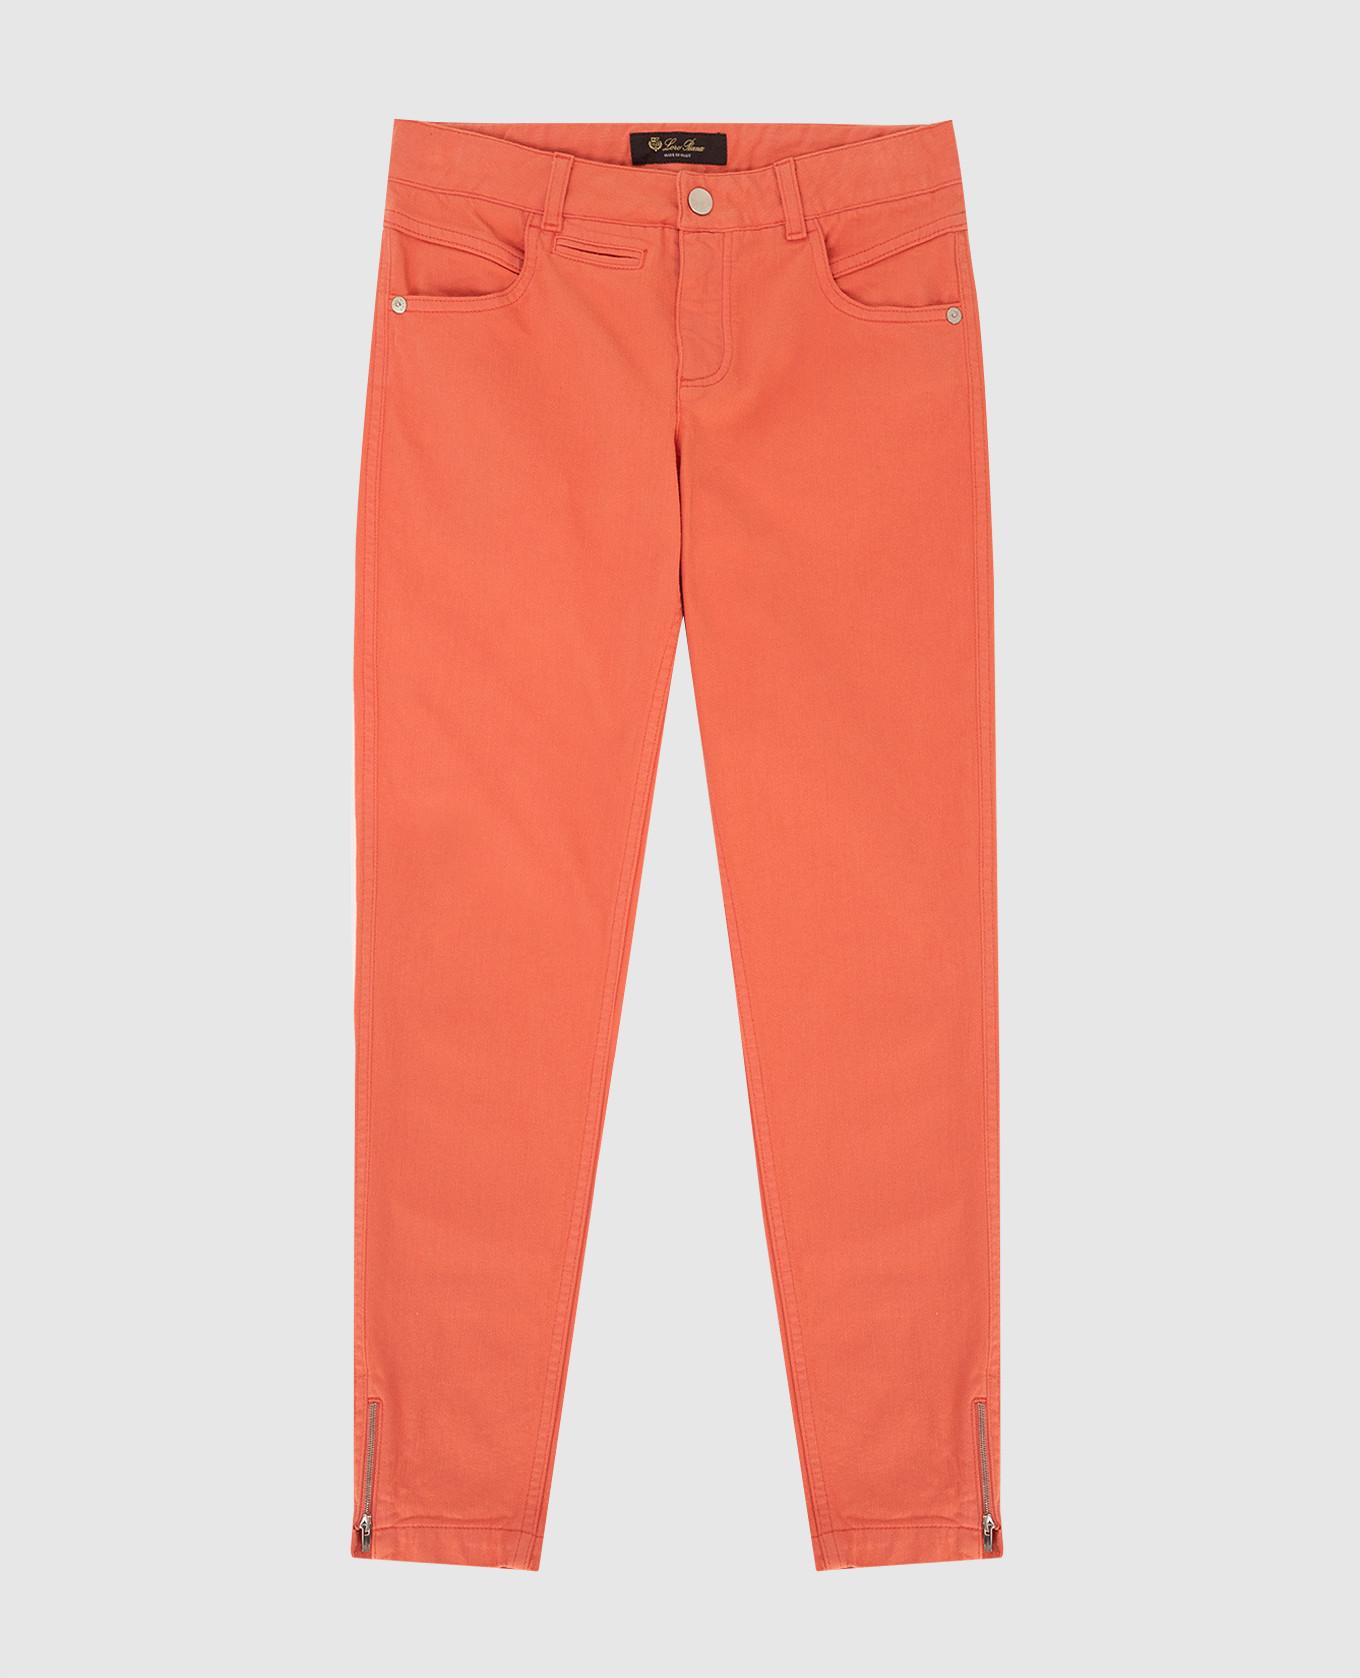 Детские коралловые джинсы